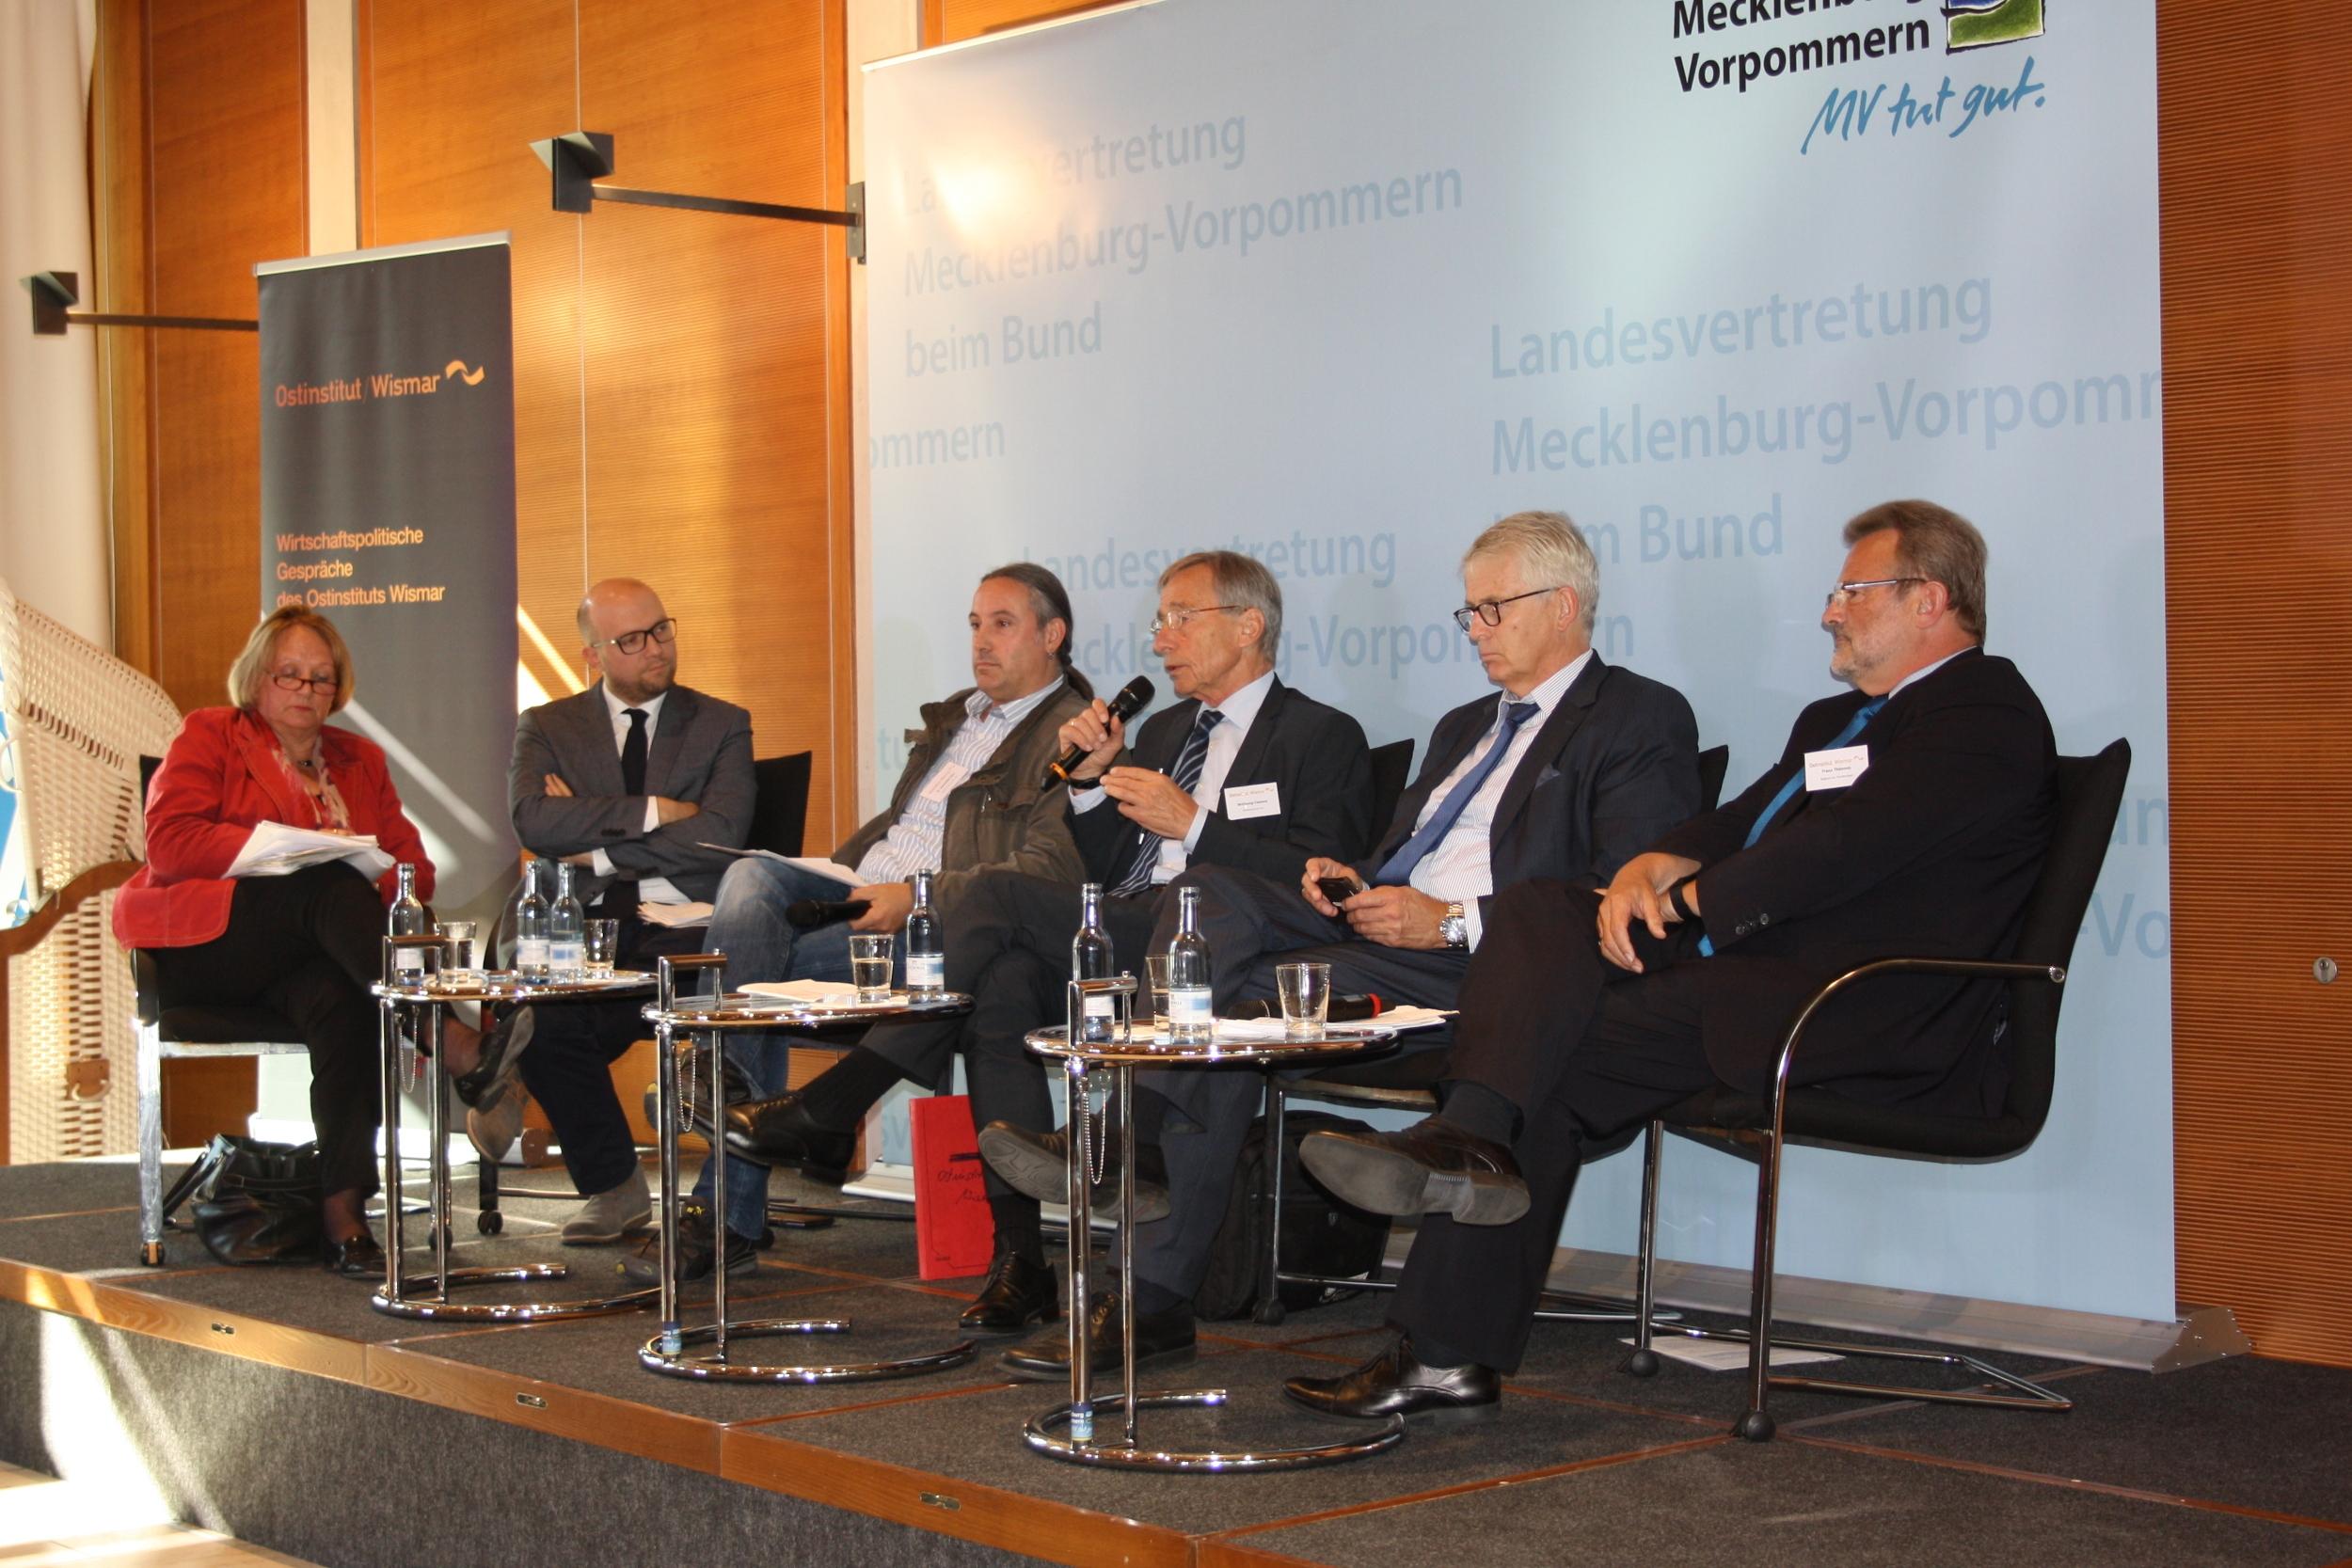 Bundespolitiker während der ersten Paneldiskussion.